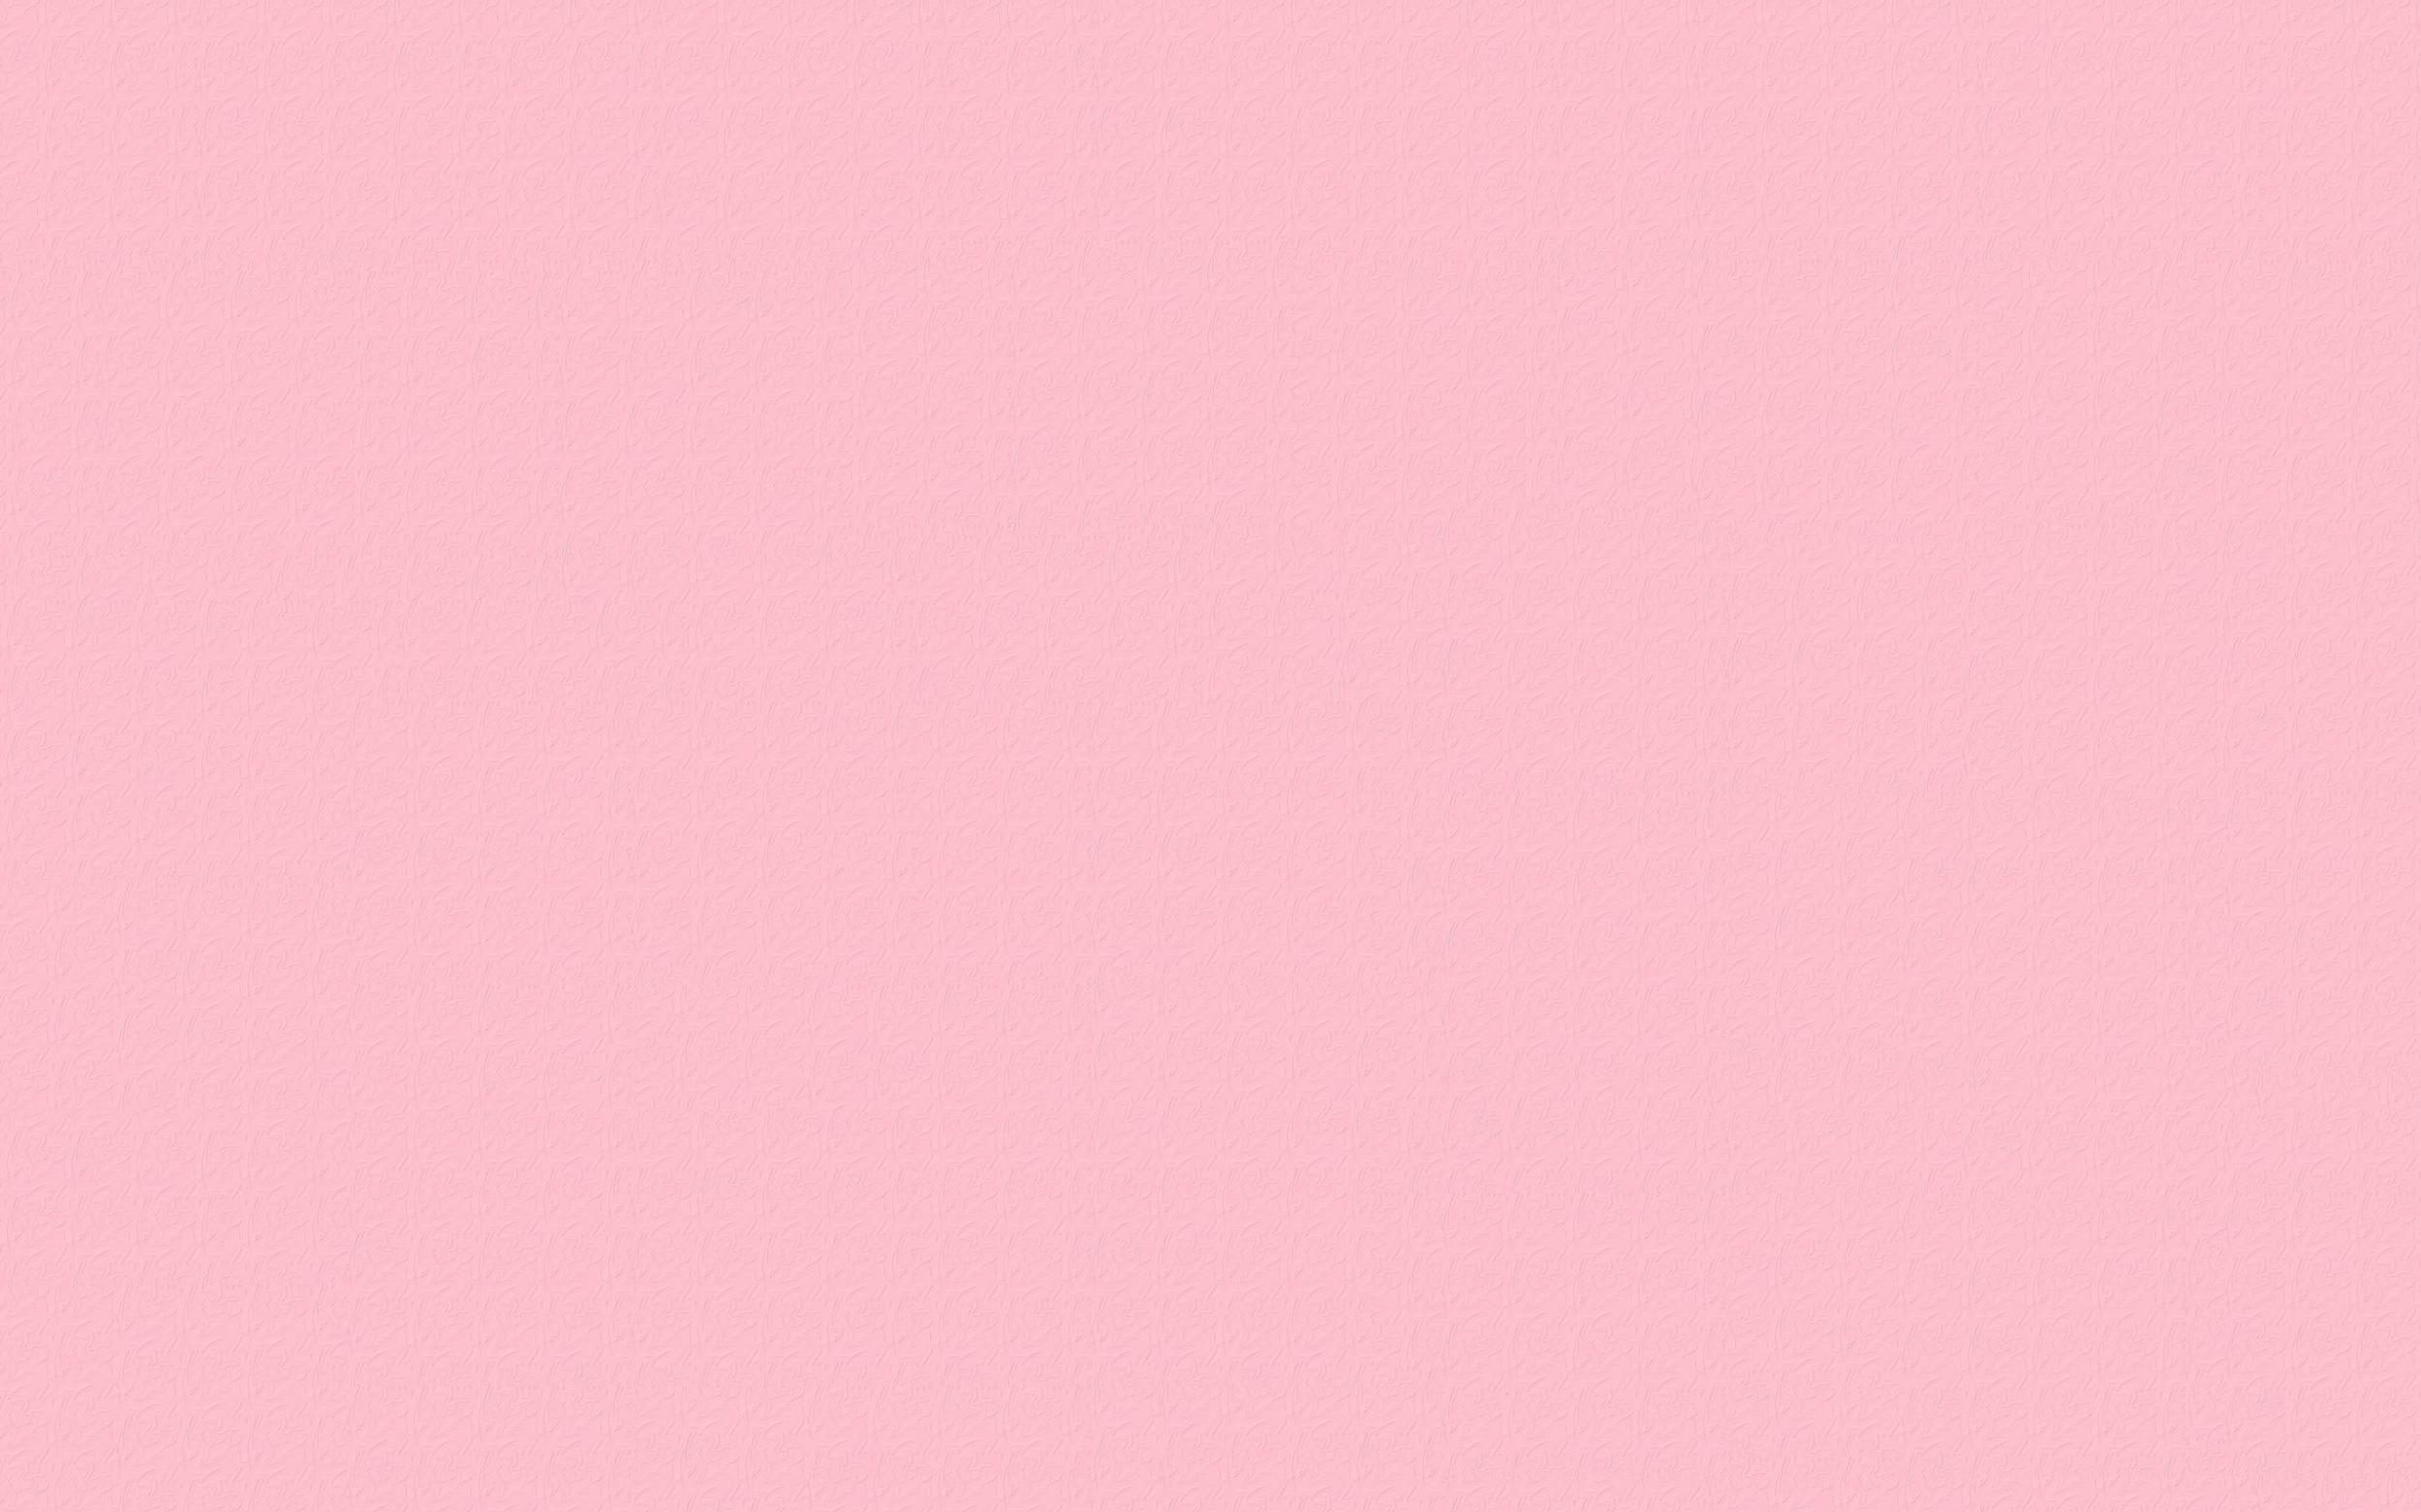 去就色_【粉红色的回忆】破万我就去表白